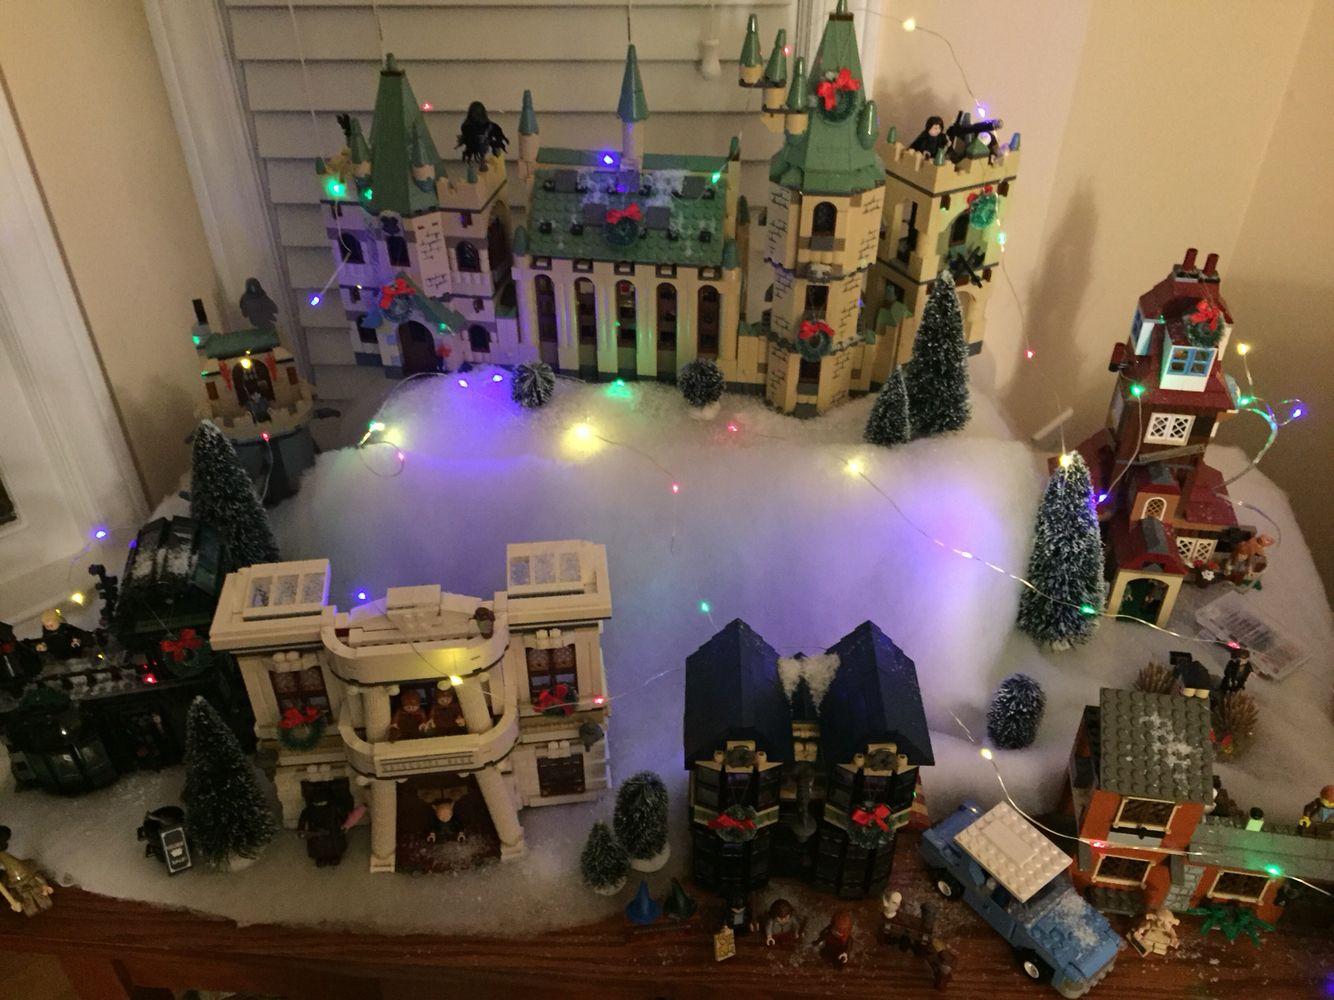 harry potter lego christmas village lego christmas village christmas villages lego harry potter